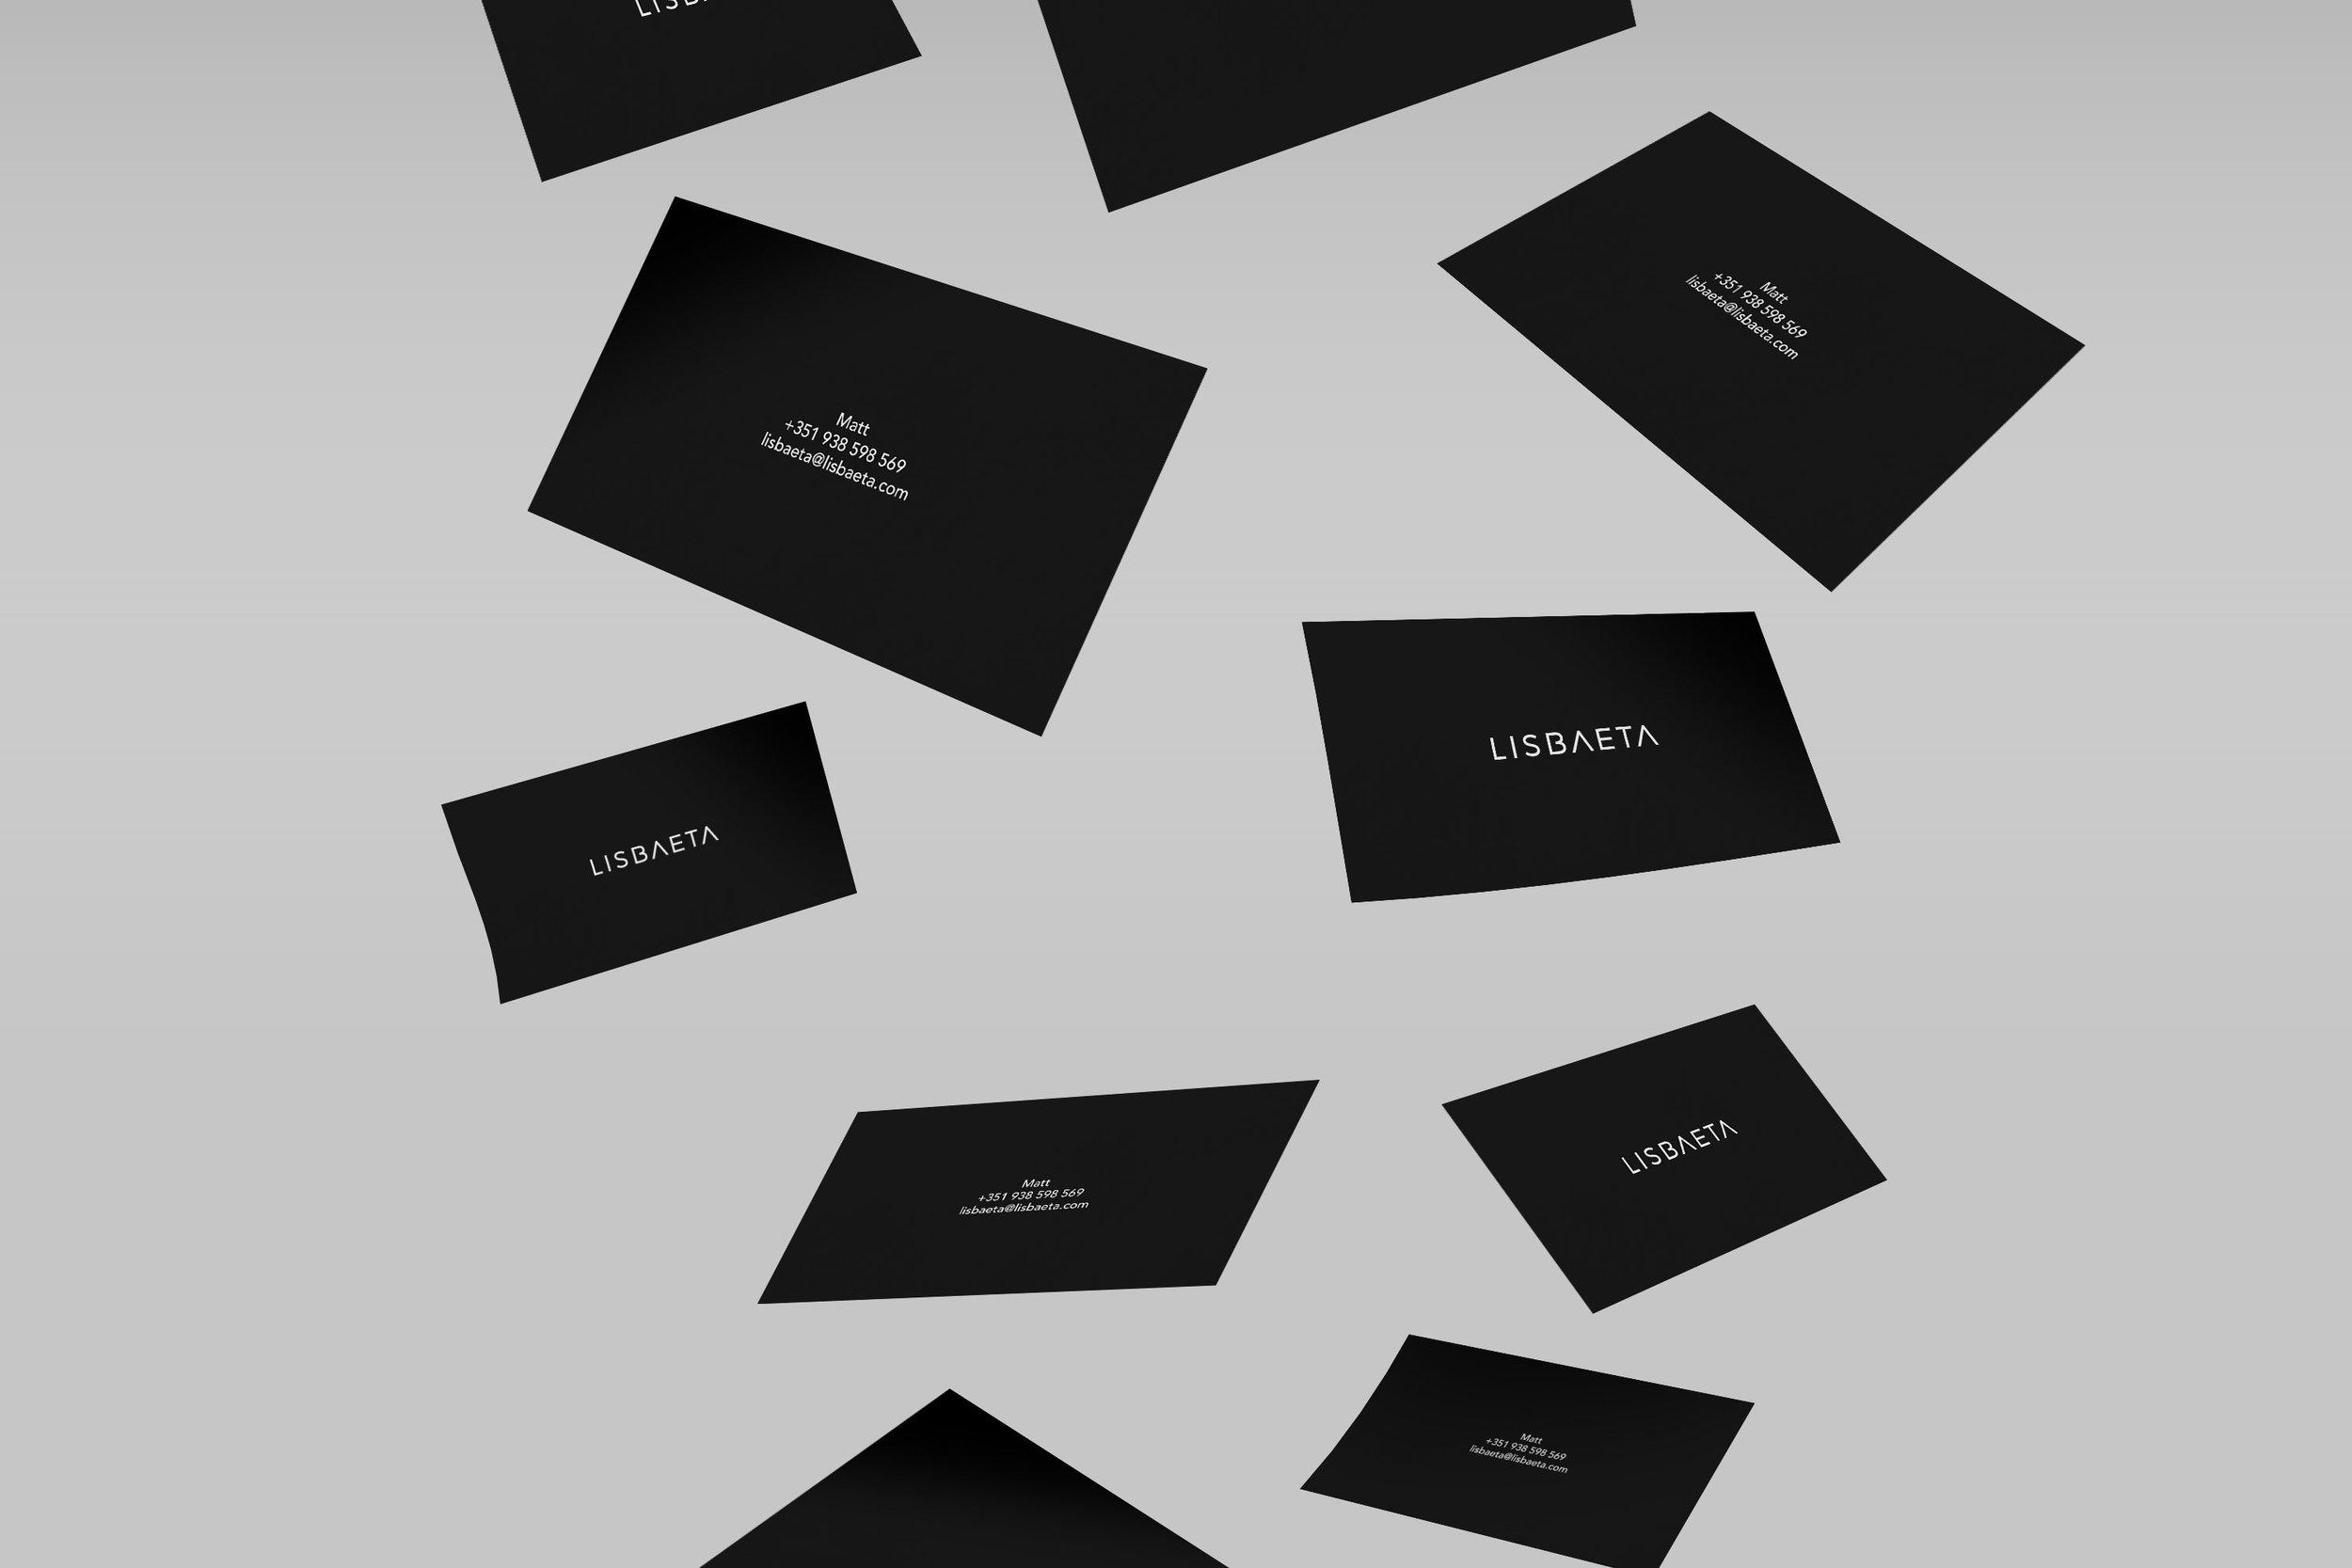 lisbaeta_business_card_mood.jpg